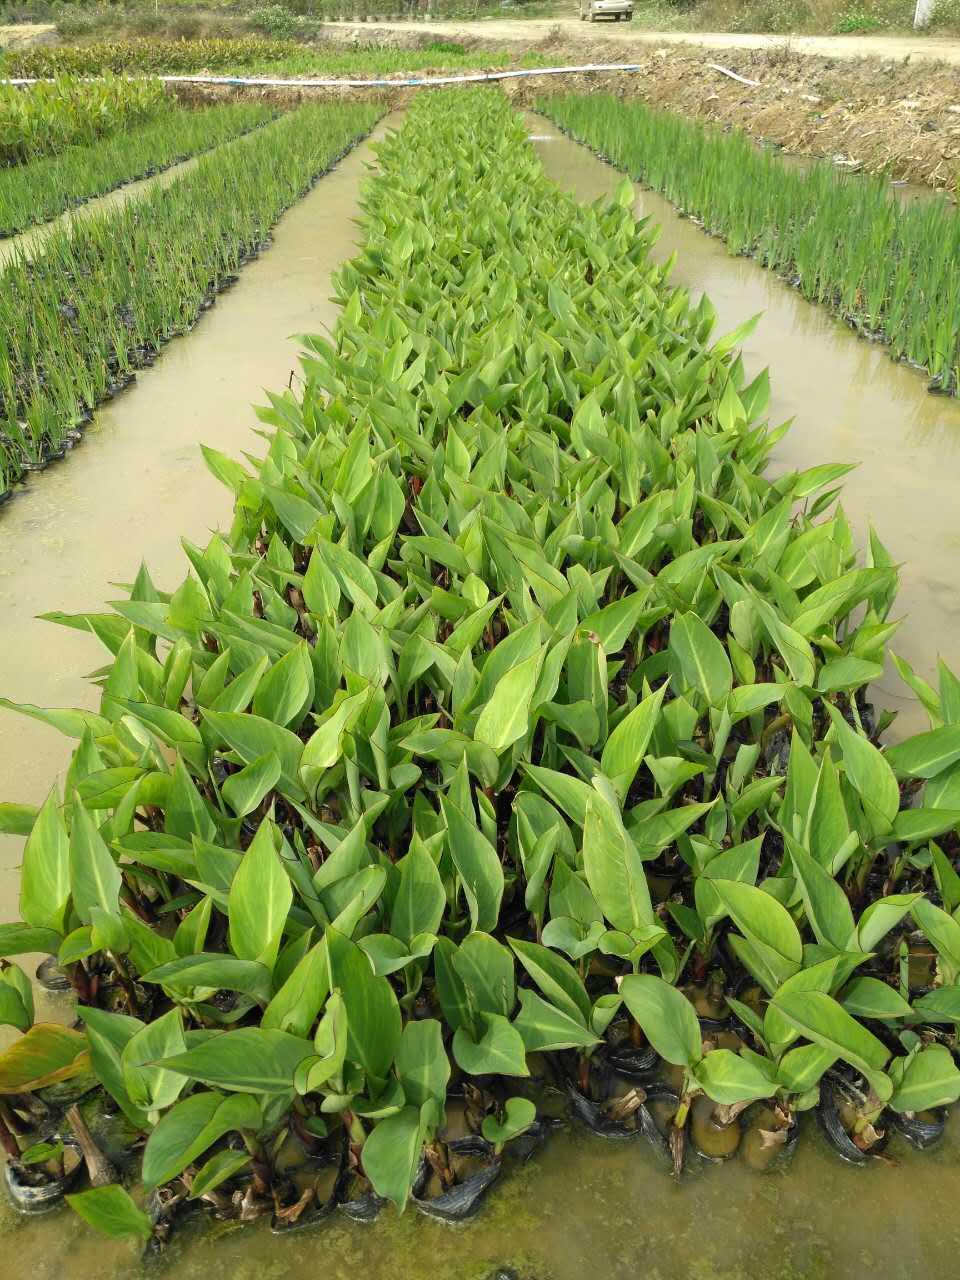 江西水生植物,江西水生植物有保护环境的说法对吗